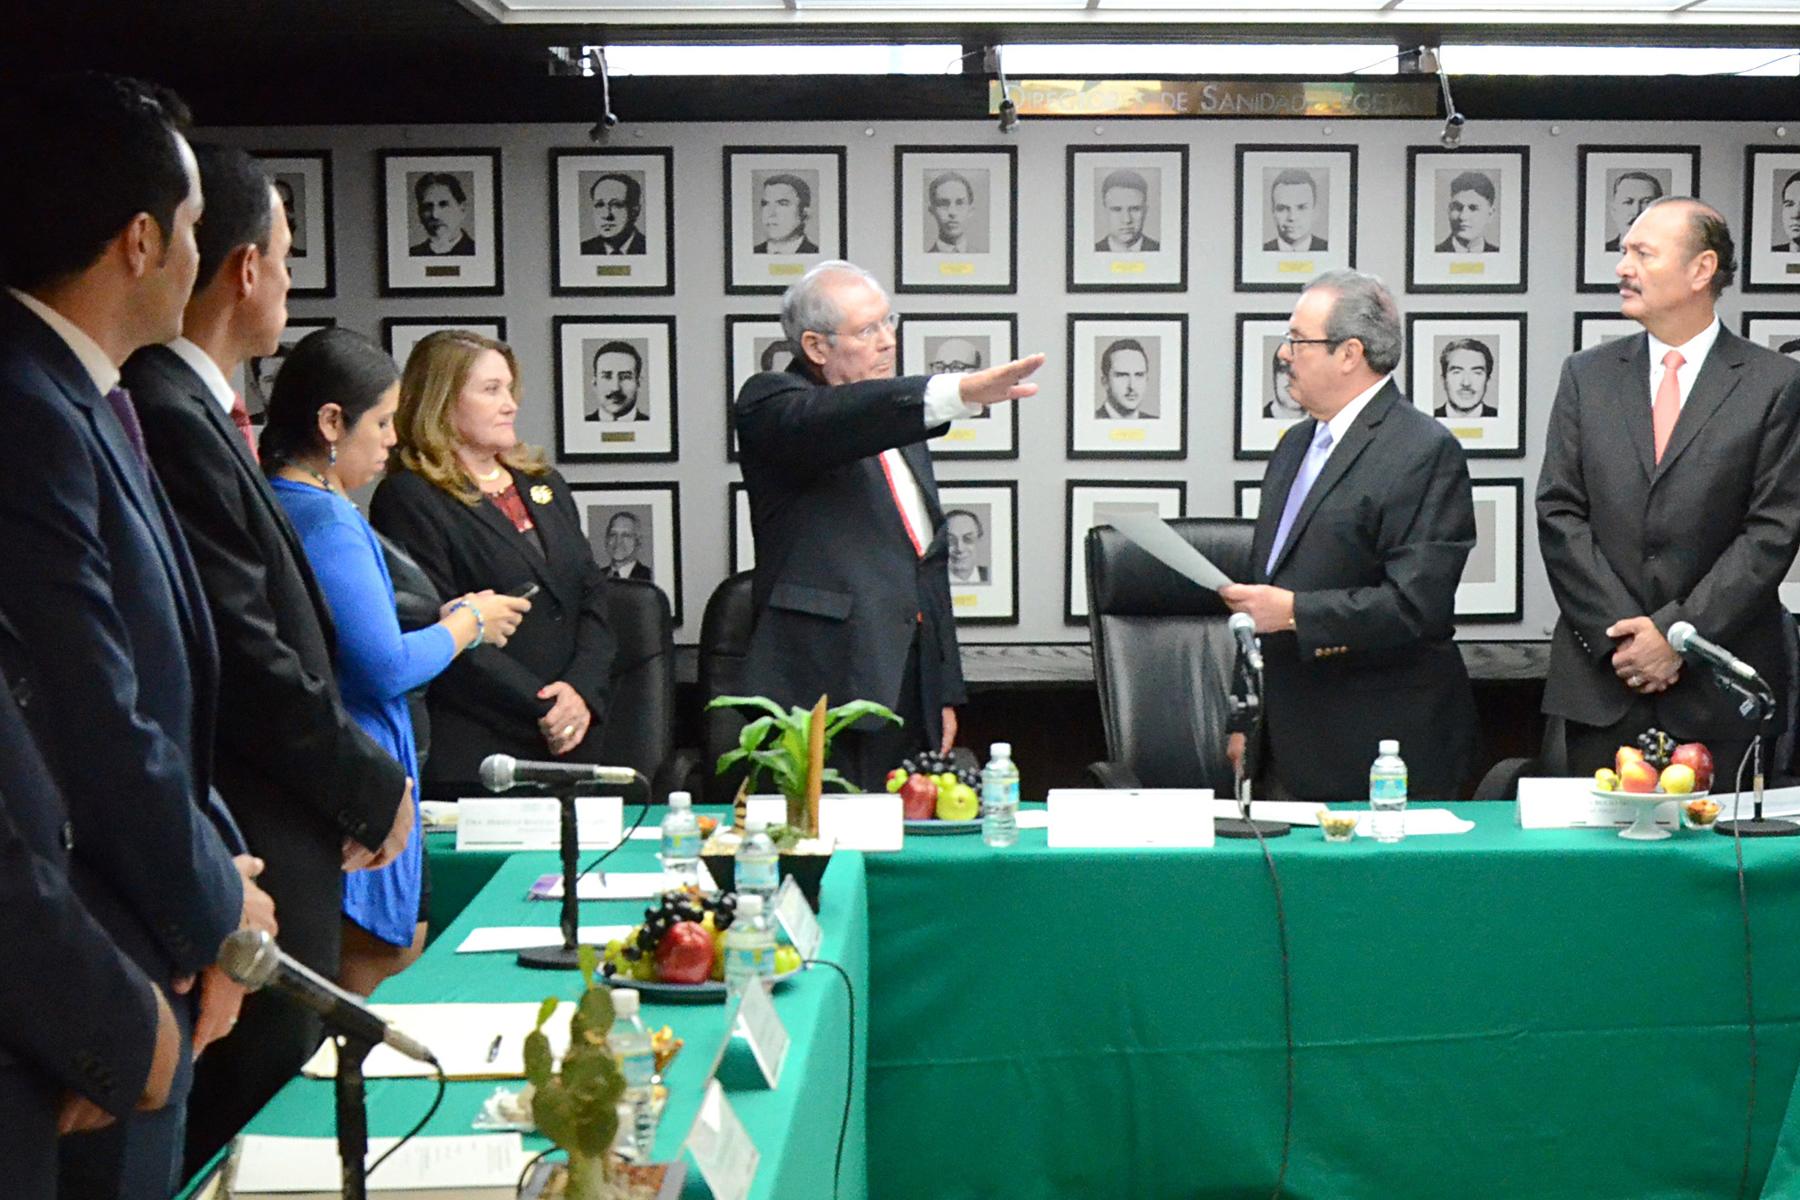 El secretario de Agricultura, Ganadería, Desarrollo Rural, Pesca y Alimentación, Enrique Martínez y Martínez, tomó protesta al nuevo director general del Fideicomiso de Riesgo Compartido (FIRCO), Carlos Robles Loustaunau.